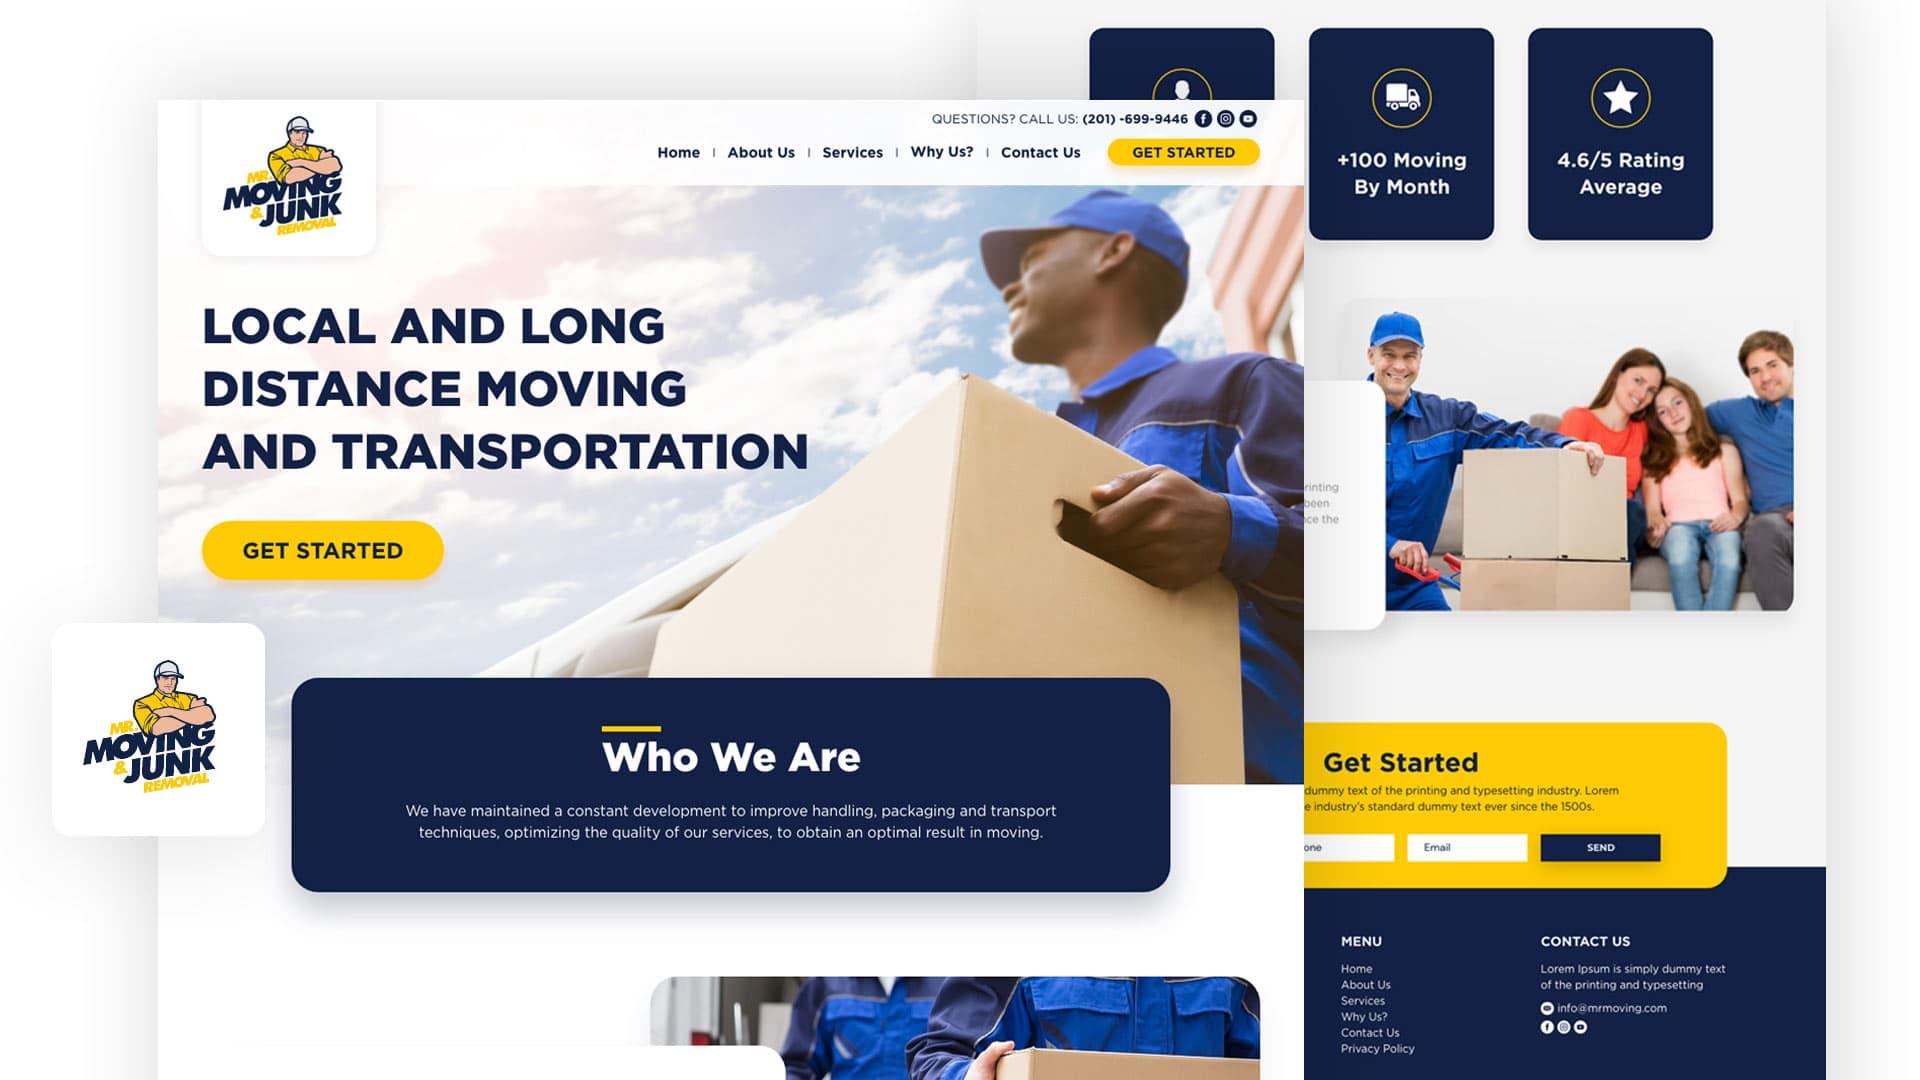 Movin, Junk, quienes somos, template, website, blanco, amarillo, azul oscuro, cajas, carga